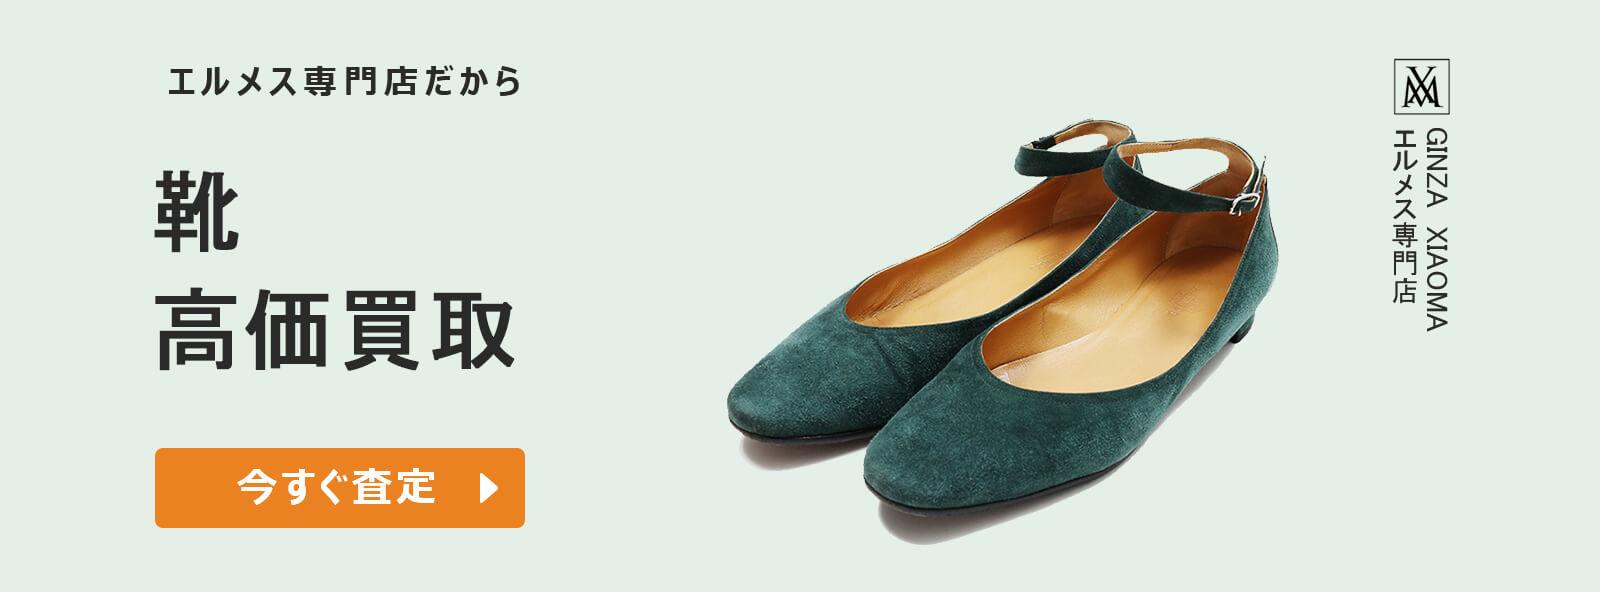 エルメス 靴 買取